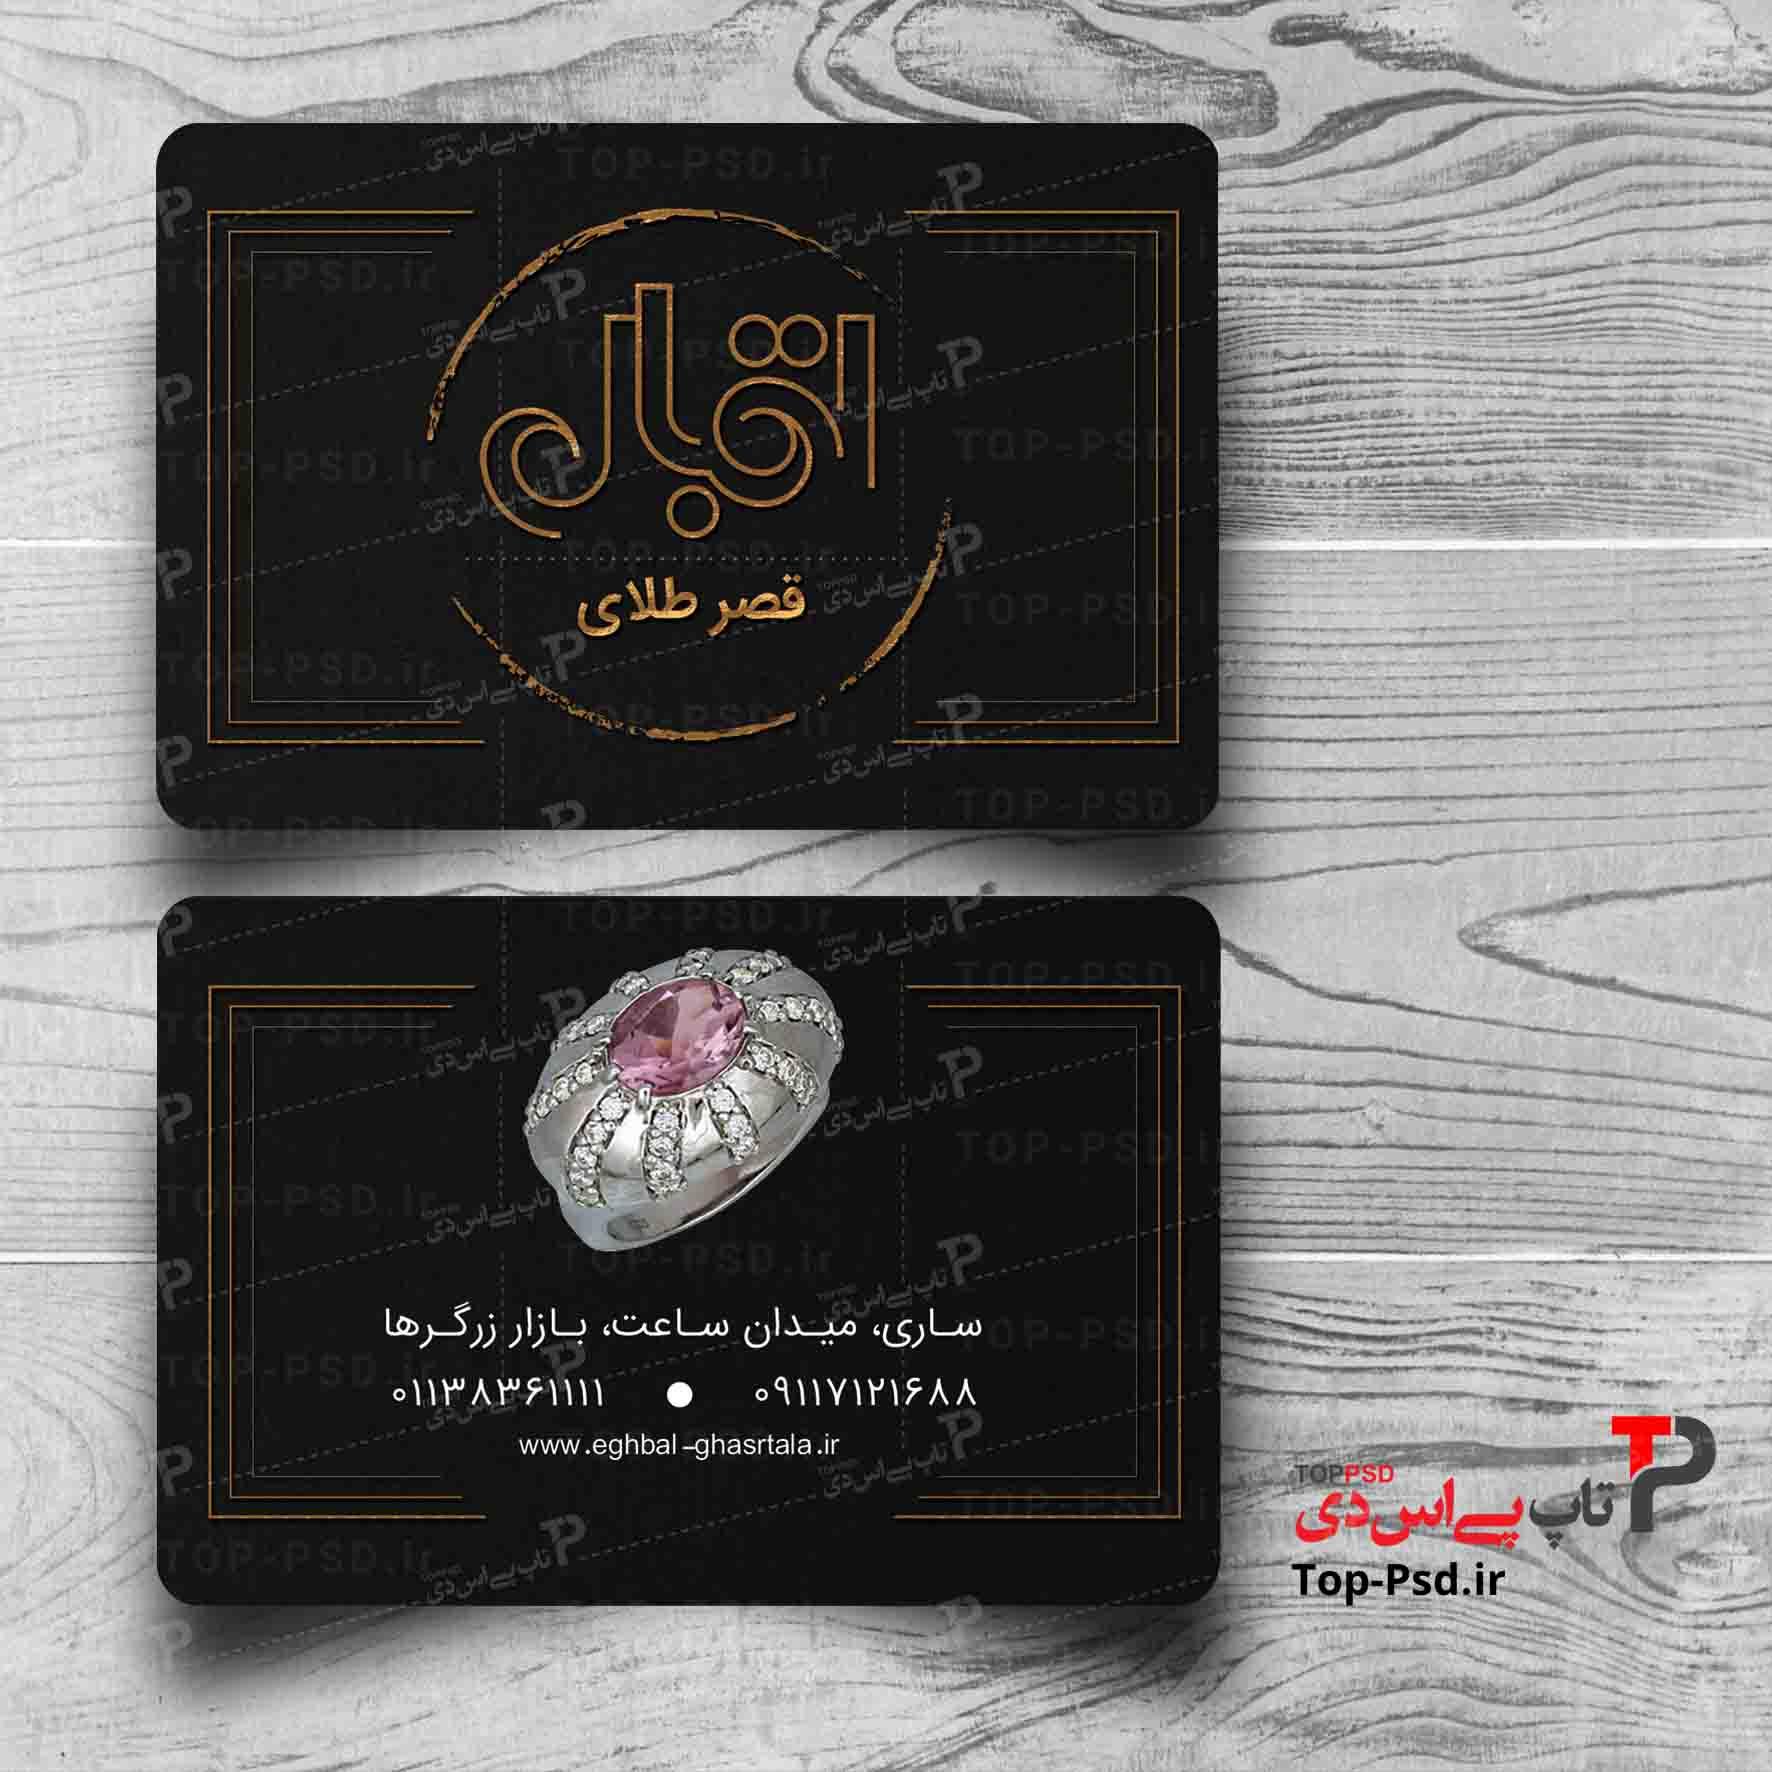 کارت ویزیت طلا و جواهرات | شاپ پی اس دی